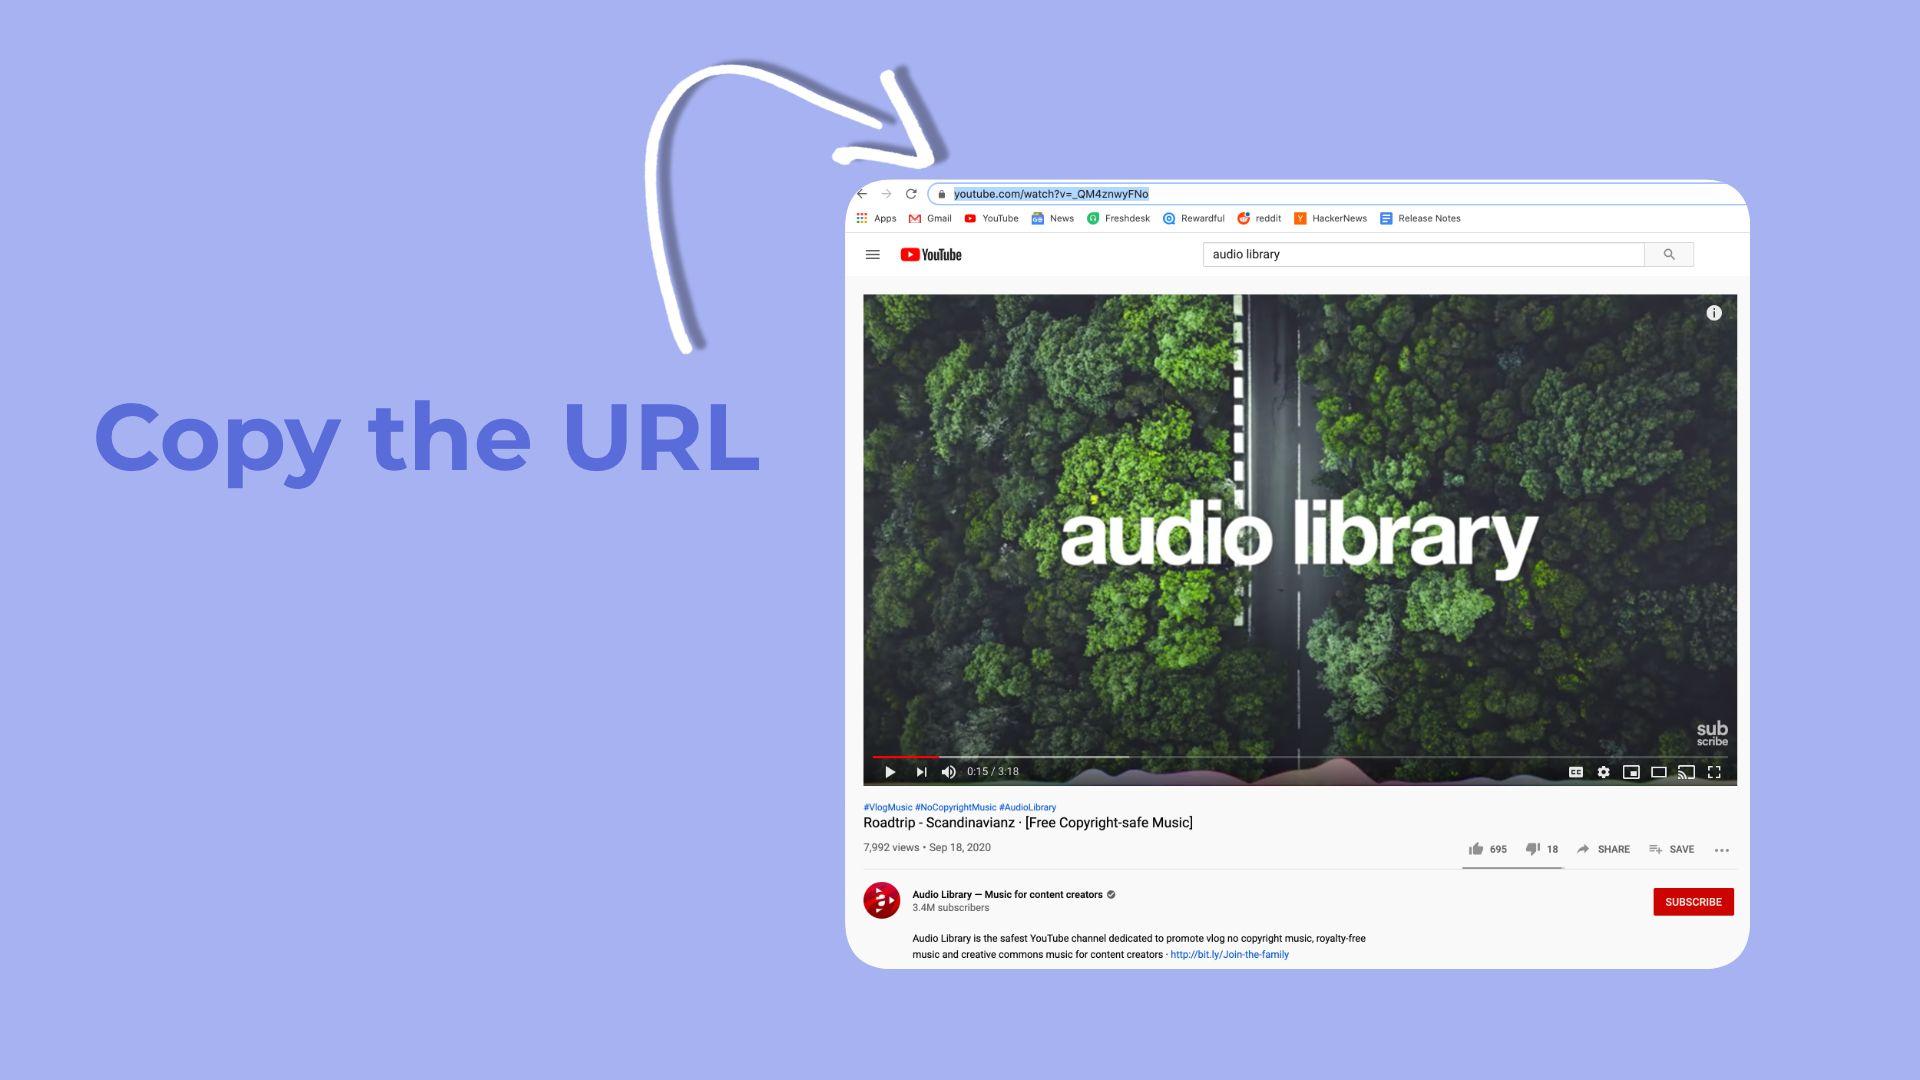 Eine Grafik, die zeigt, wie die URL aus einem YouTube-Video kopiert wird.